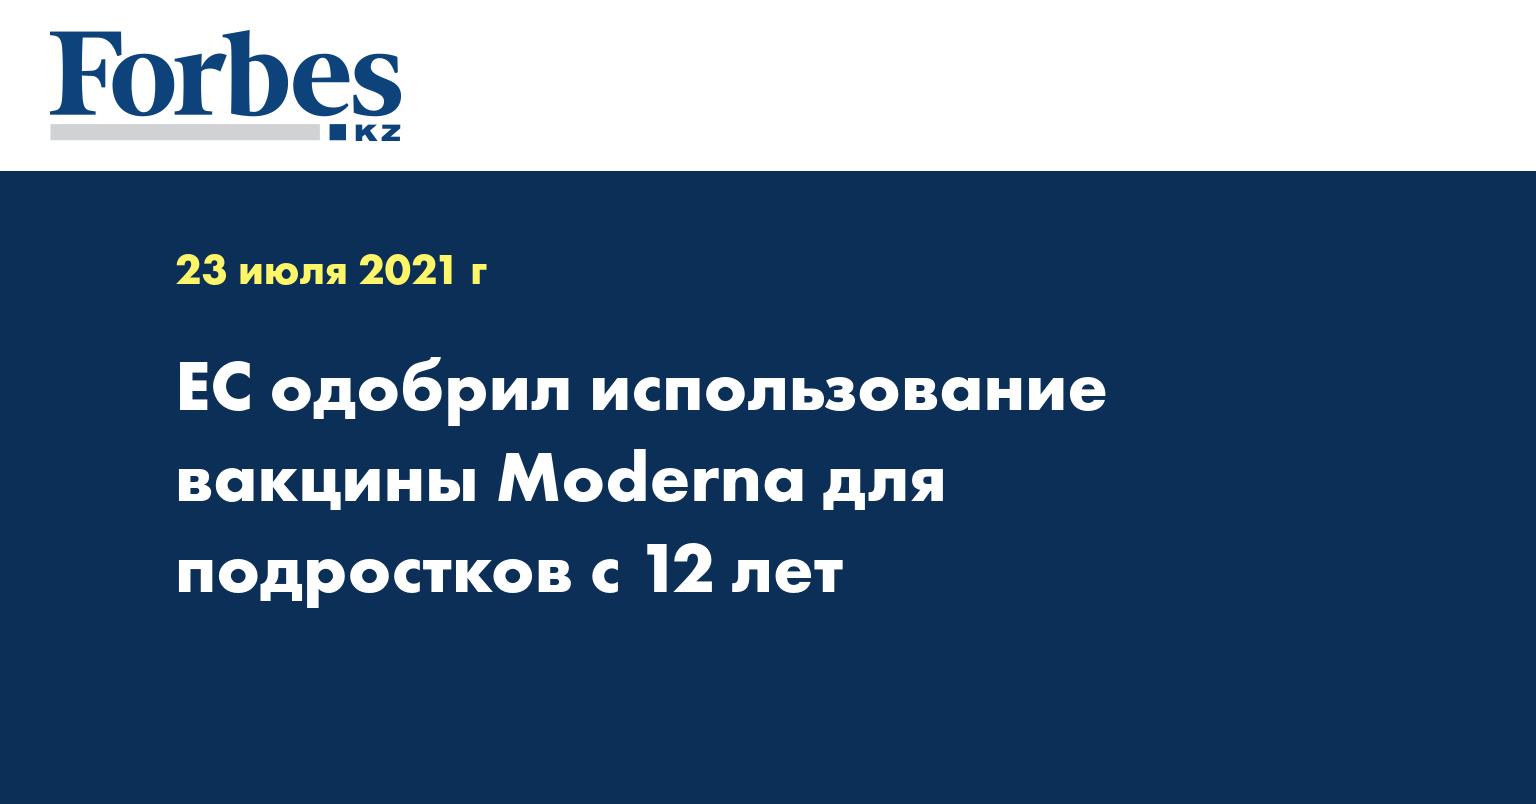 ЕС одобрил использование вакцины Moderna для подростков с 12 лет